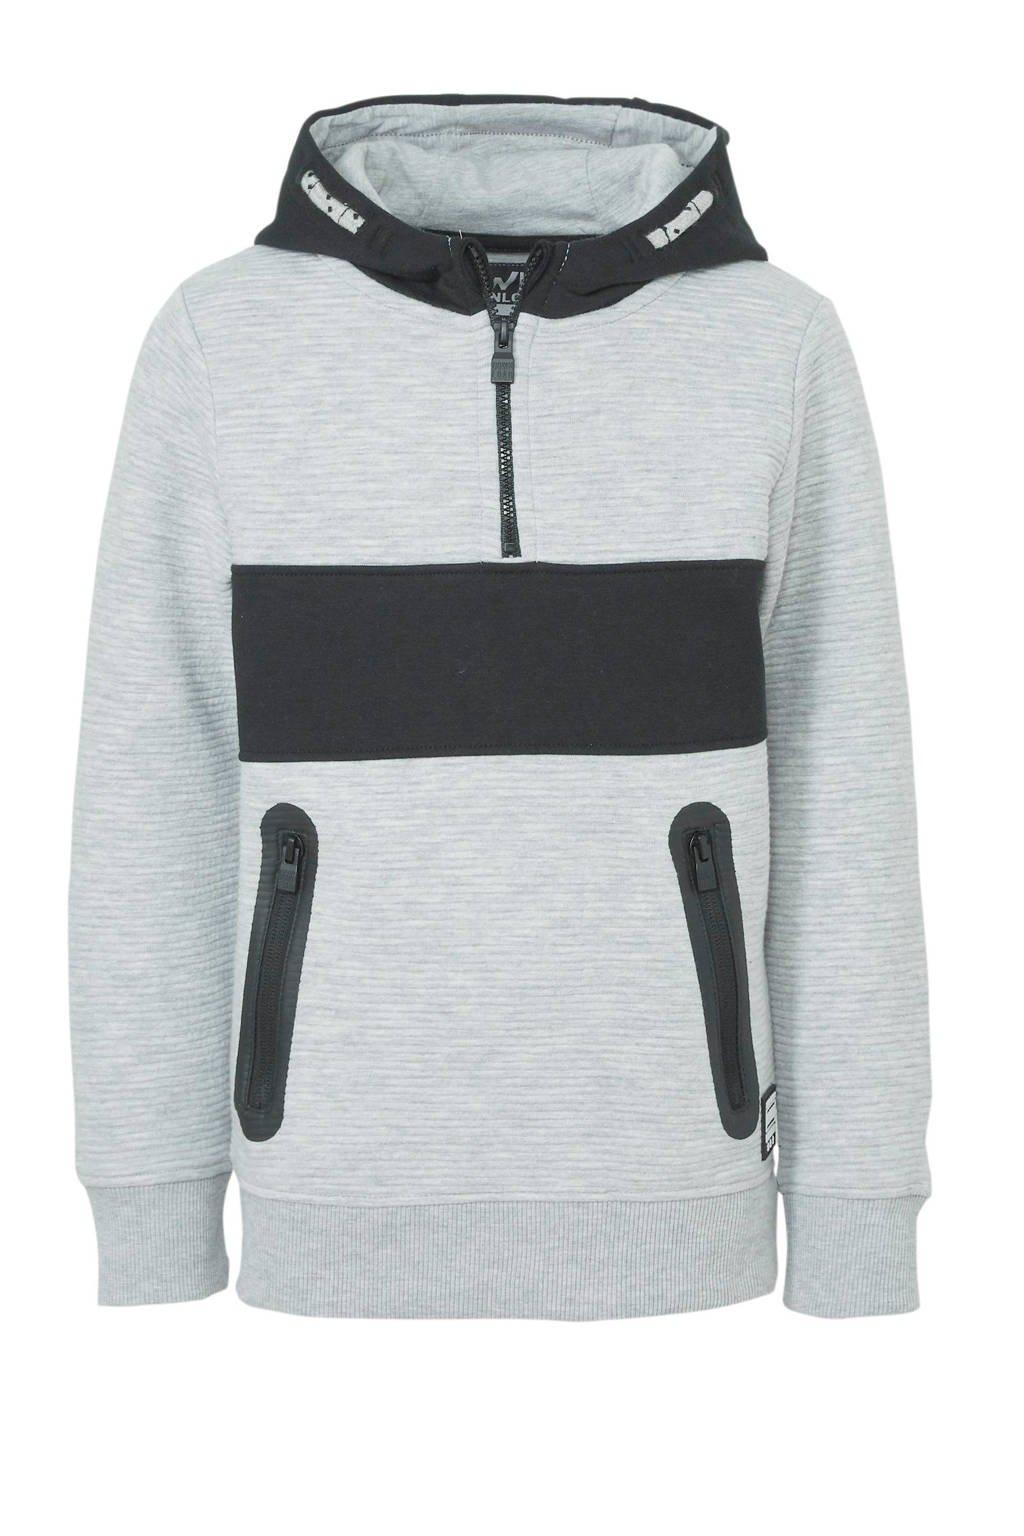 C&A Here & There hoodie lichtgrijs, Lichtgrijs